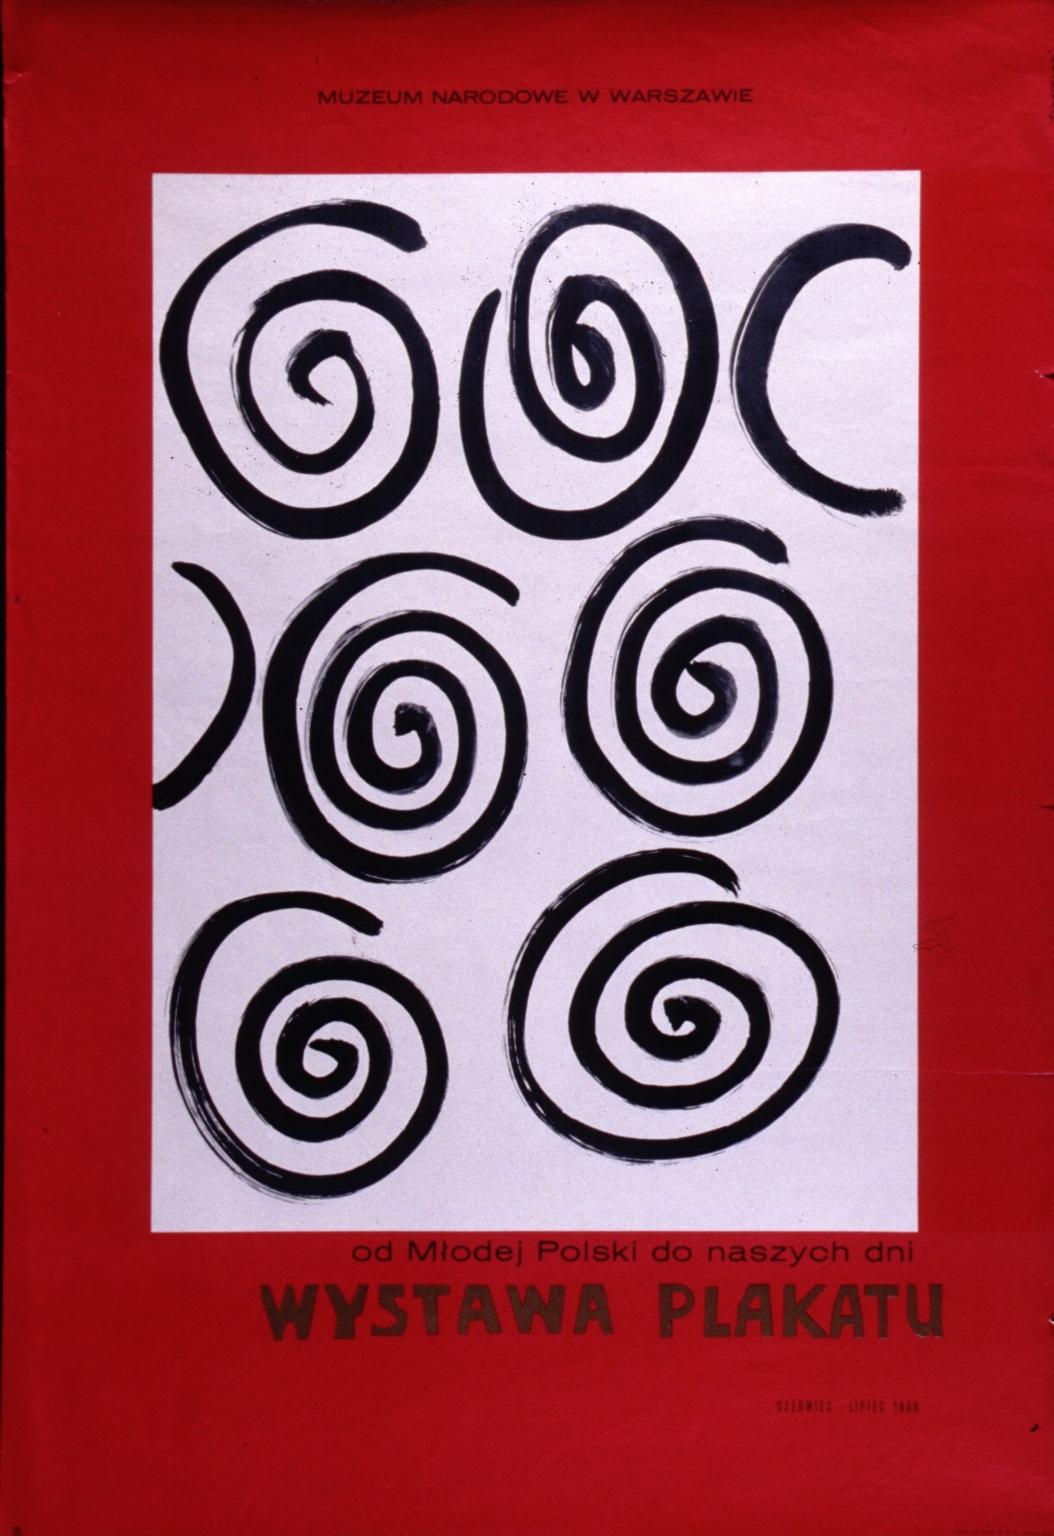 Wystawa plakatu od mlodej Polski do naszych dni: Muzeum Narodowe w Warszawie, czerwiec-lipiec 1966